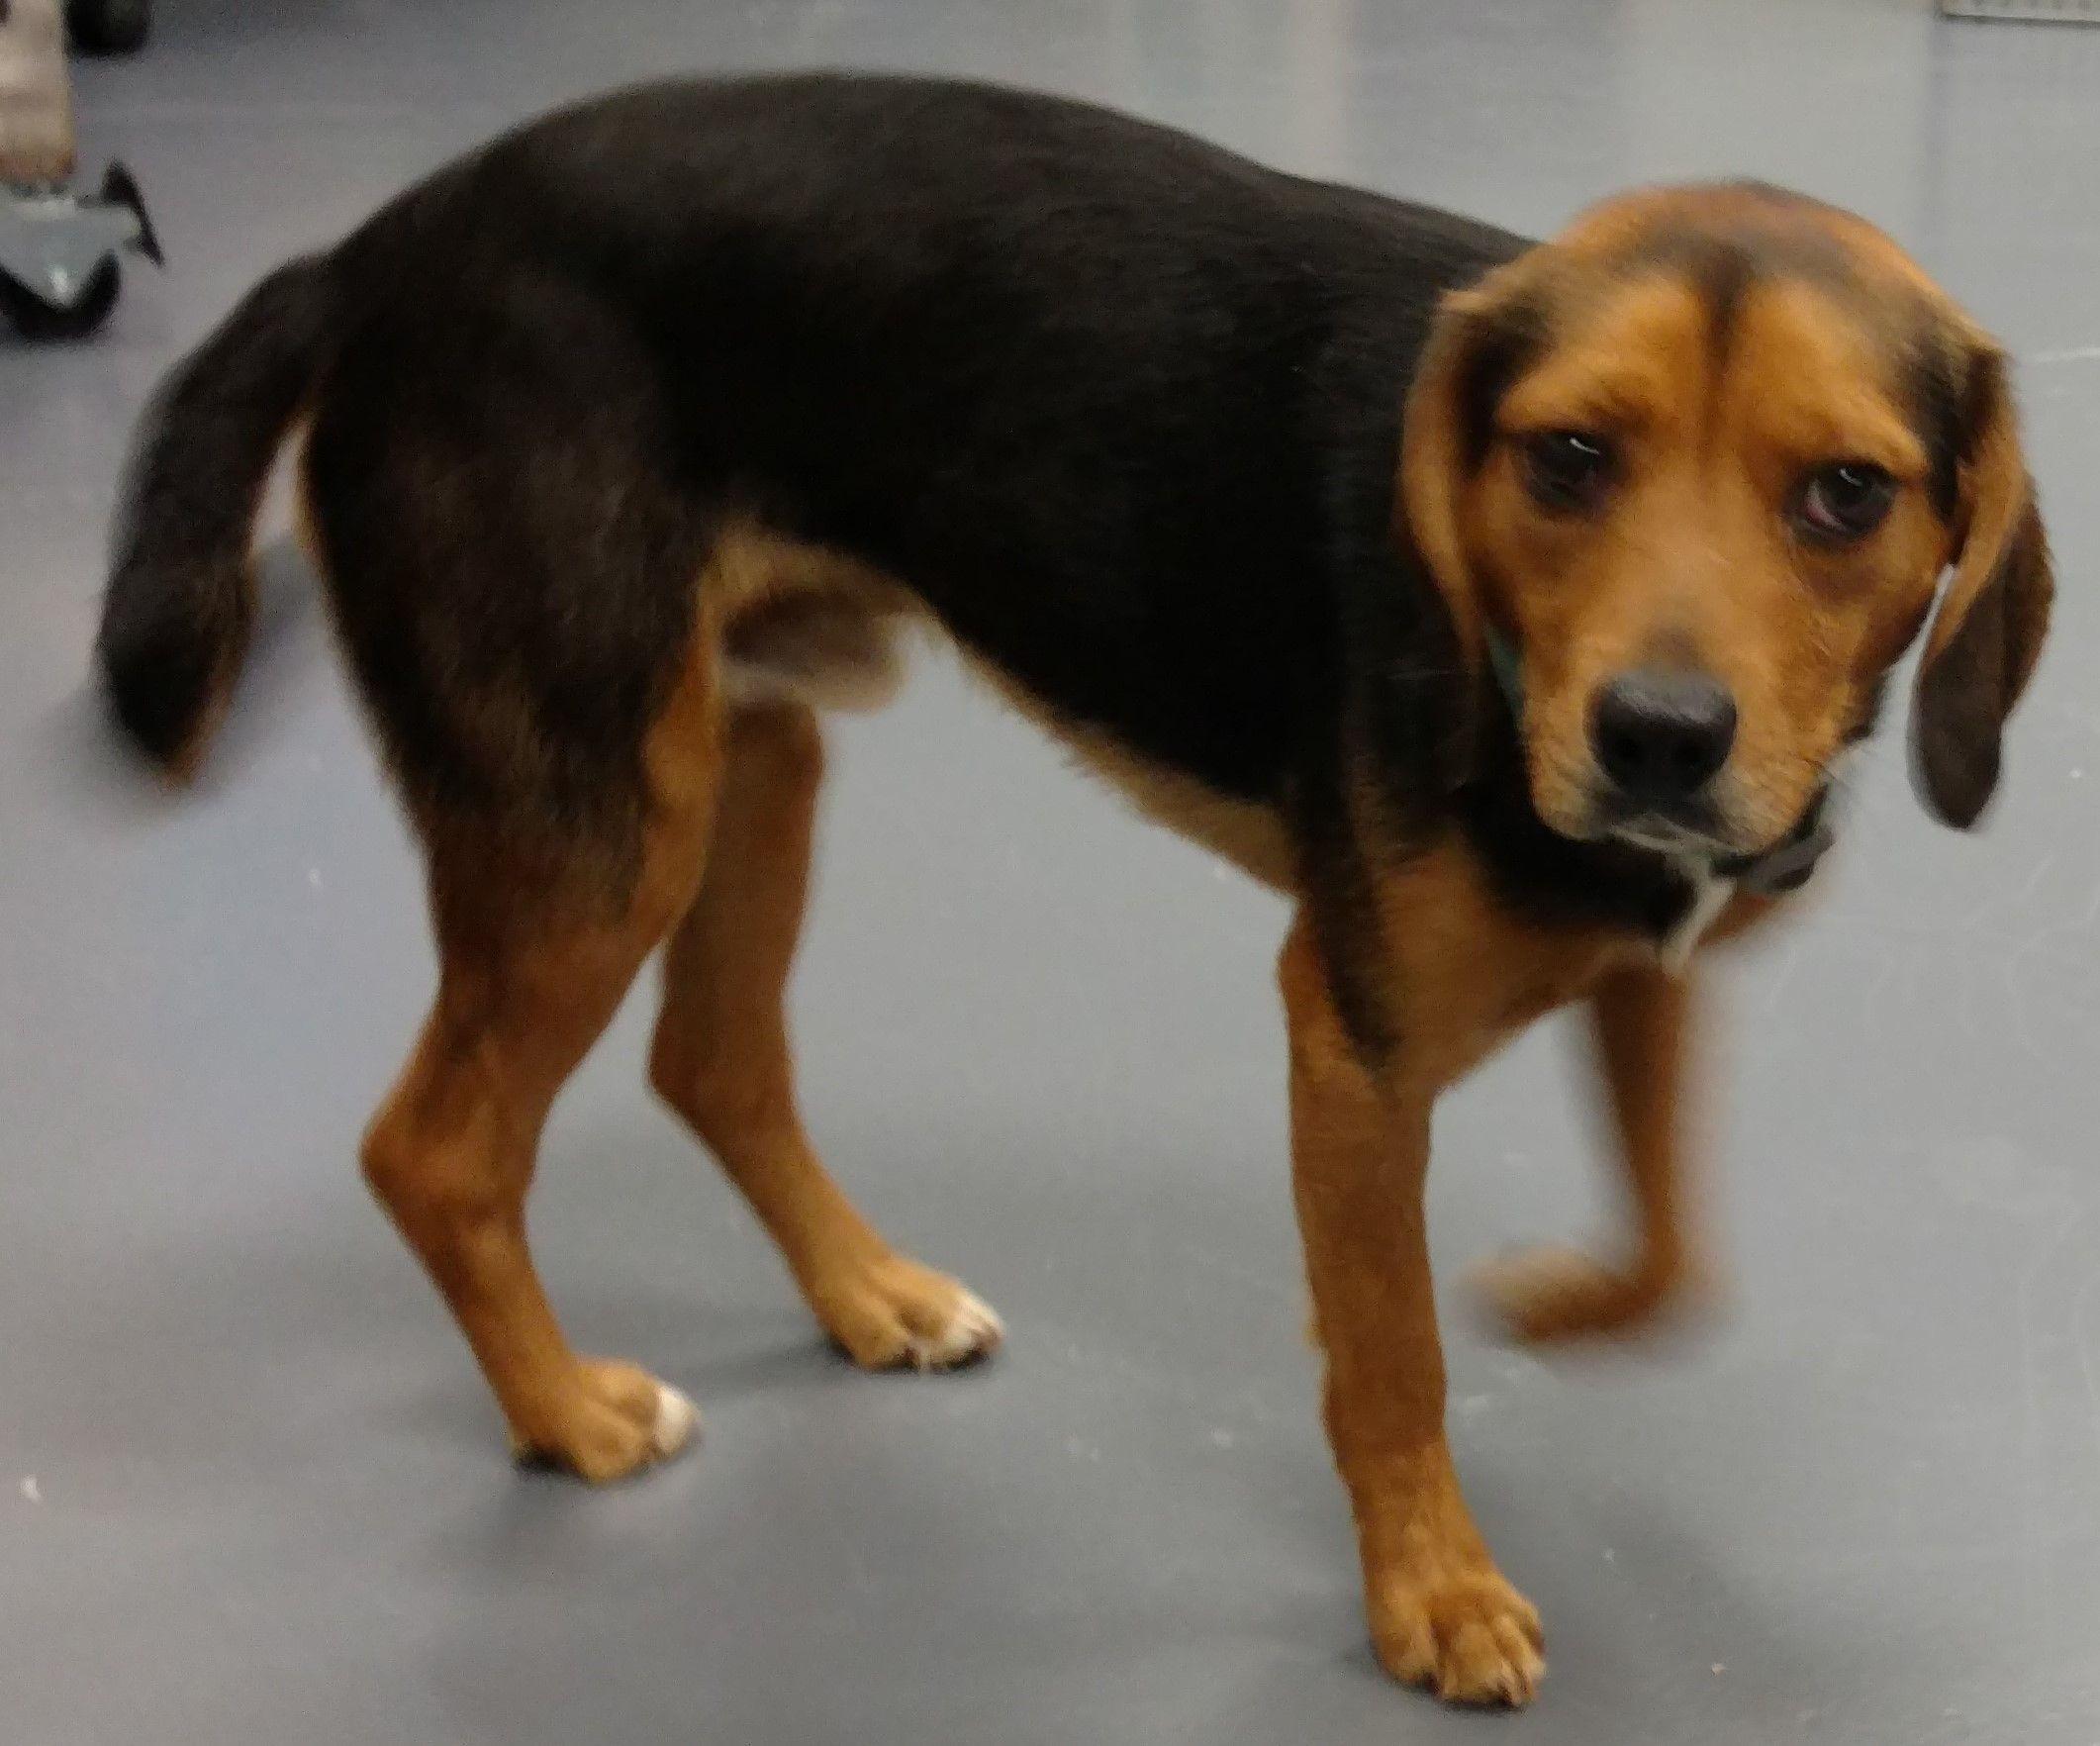 Beagle dog for Adoption in Dahlgren, VA. ADN542506 on